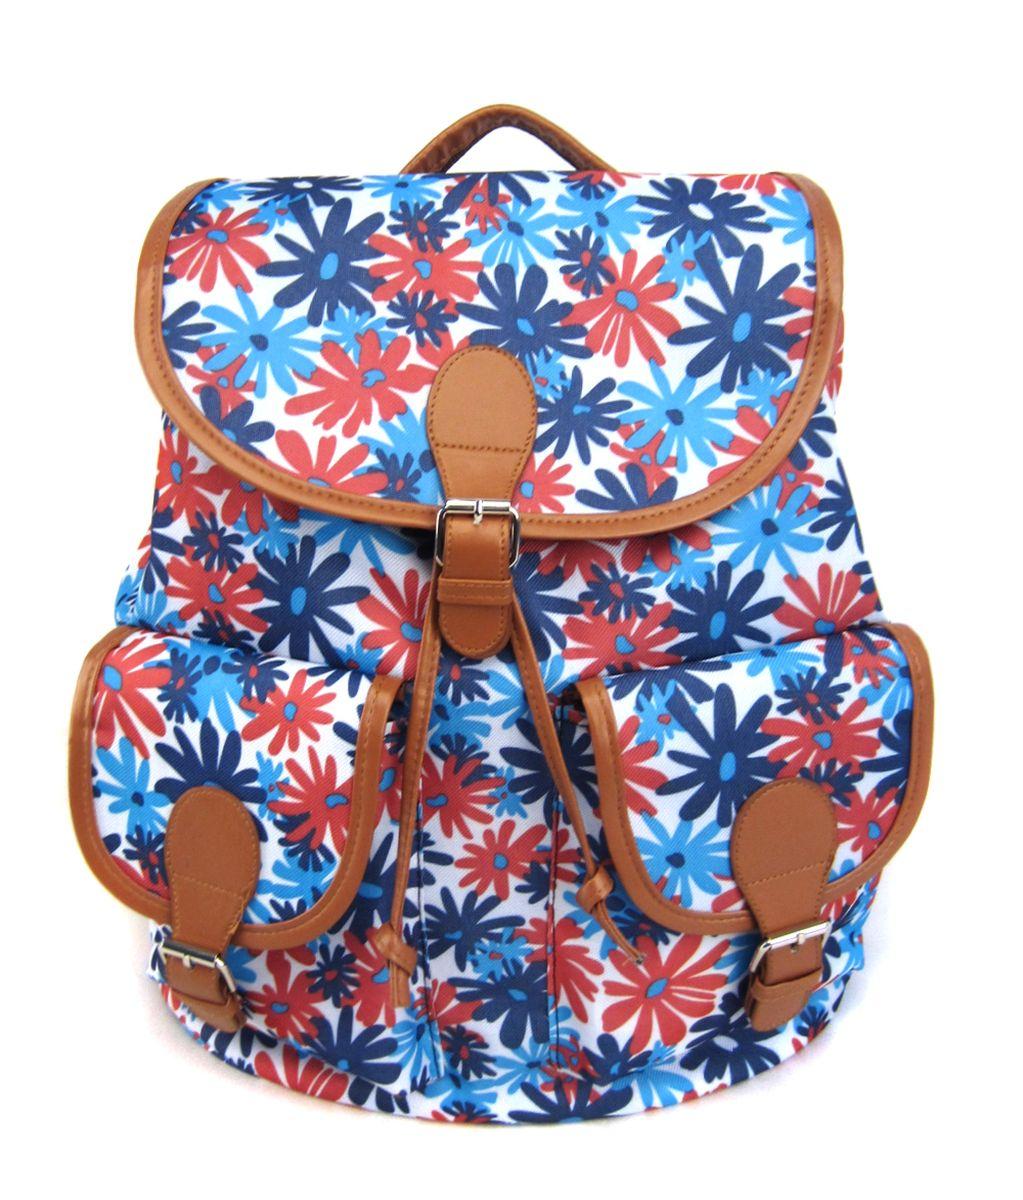 Рюкзак молодежный Creative Герберы, цвет: мультиколор, 23 лGL-BC842Модель, которая дарит радостное весеннее настроение и, несомненно, привлечет немало восхищенных взглядов. Этот вместительный рюкзак традиционного кроя – просто образец функциональности. Рюкзак закрывается на клапан, впереди – два кармана с клапанами.